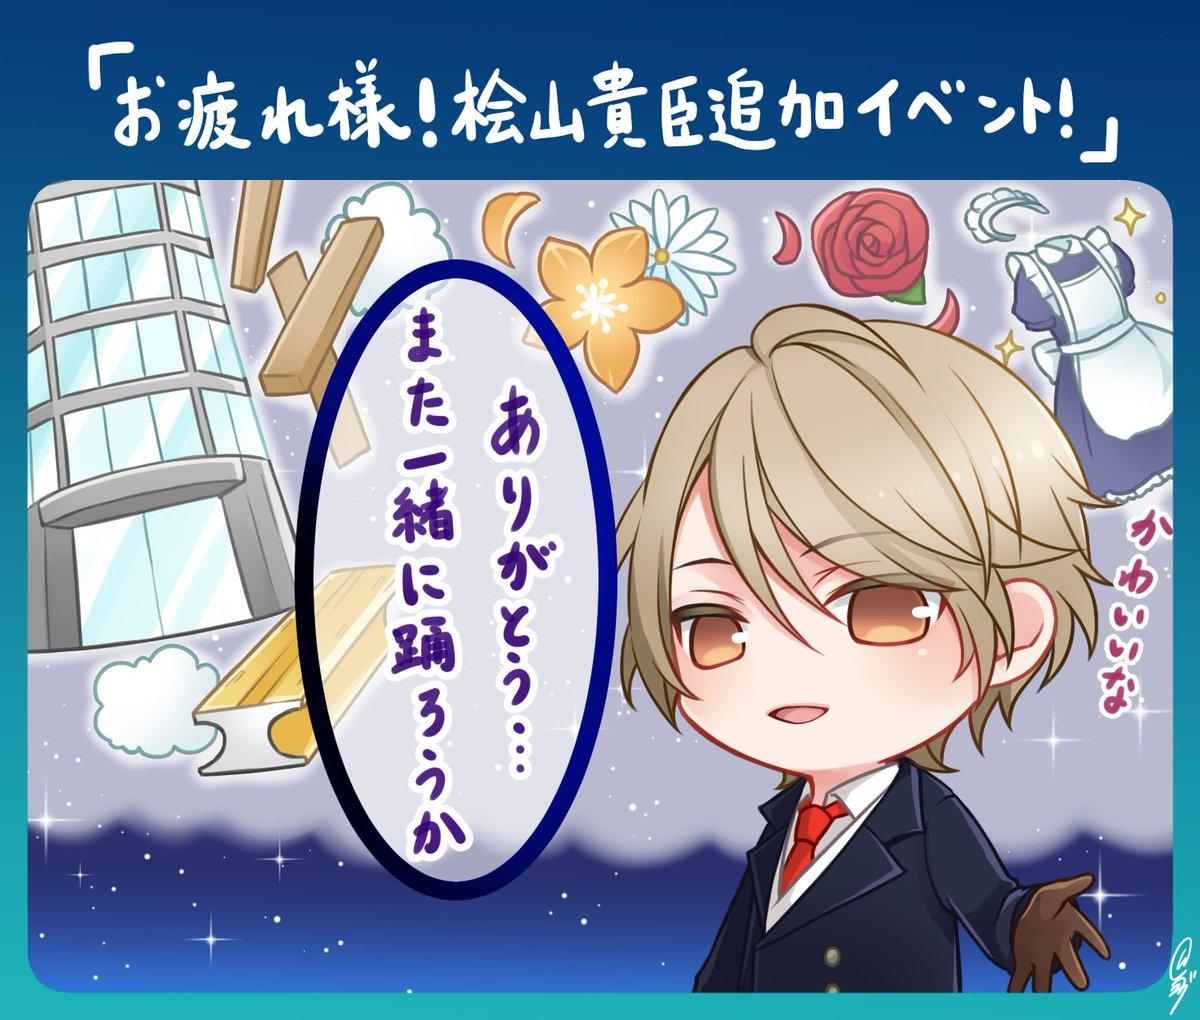 【御礼】 10月27日18時をもって『桧山貴臣追加イベント』を終了いたしました! ご参加いただいたユーザーの皆様に感謝の気持ちを込めて…♪  #スタマイ